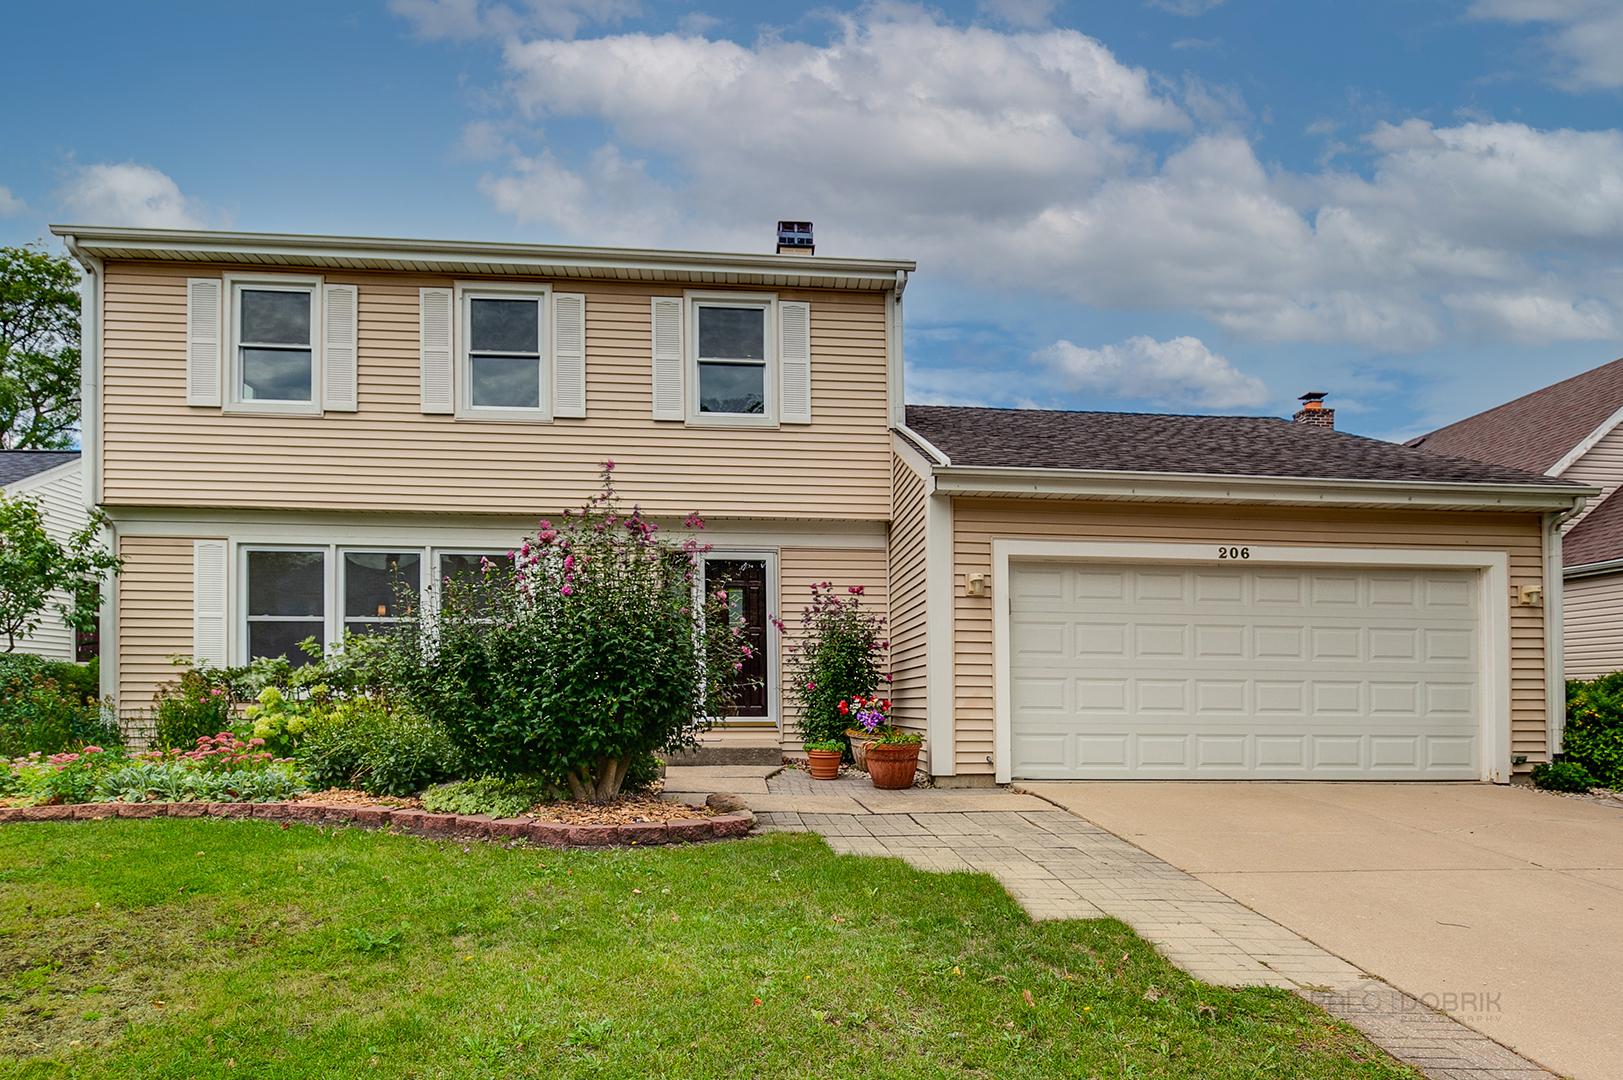 206 Knollwood Street, Vernon Hills, Il 60061